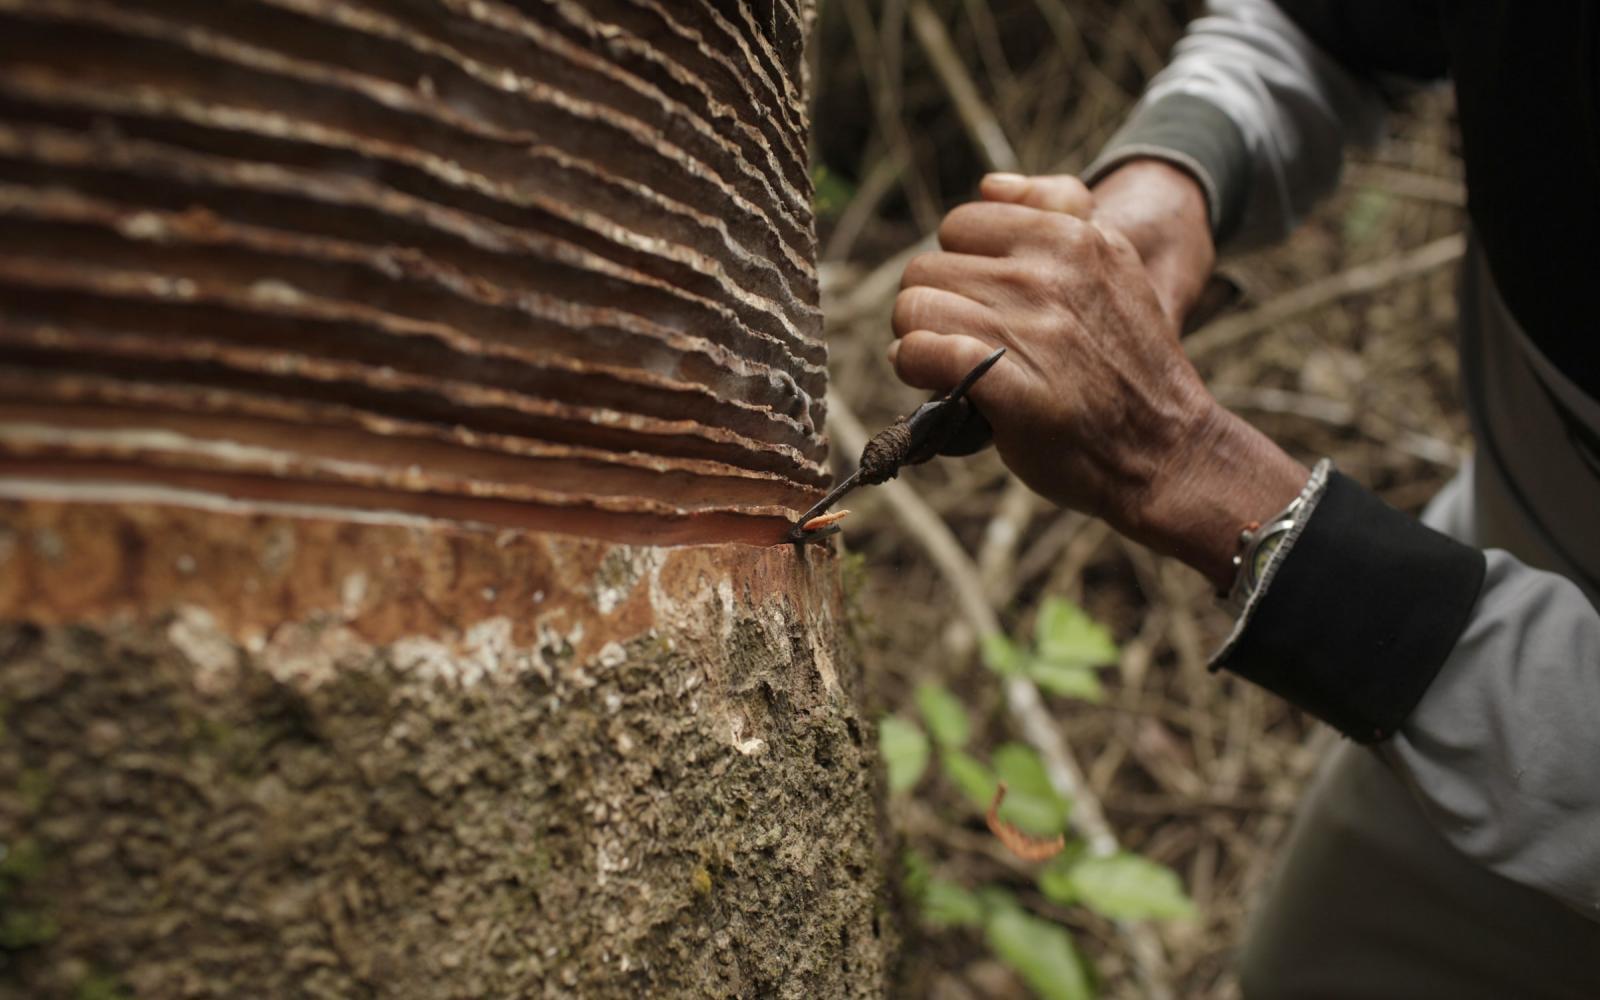 La Chronique des  Matières Premières Agricoles: Le caoutchouc au 4 mai 2020